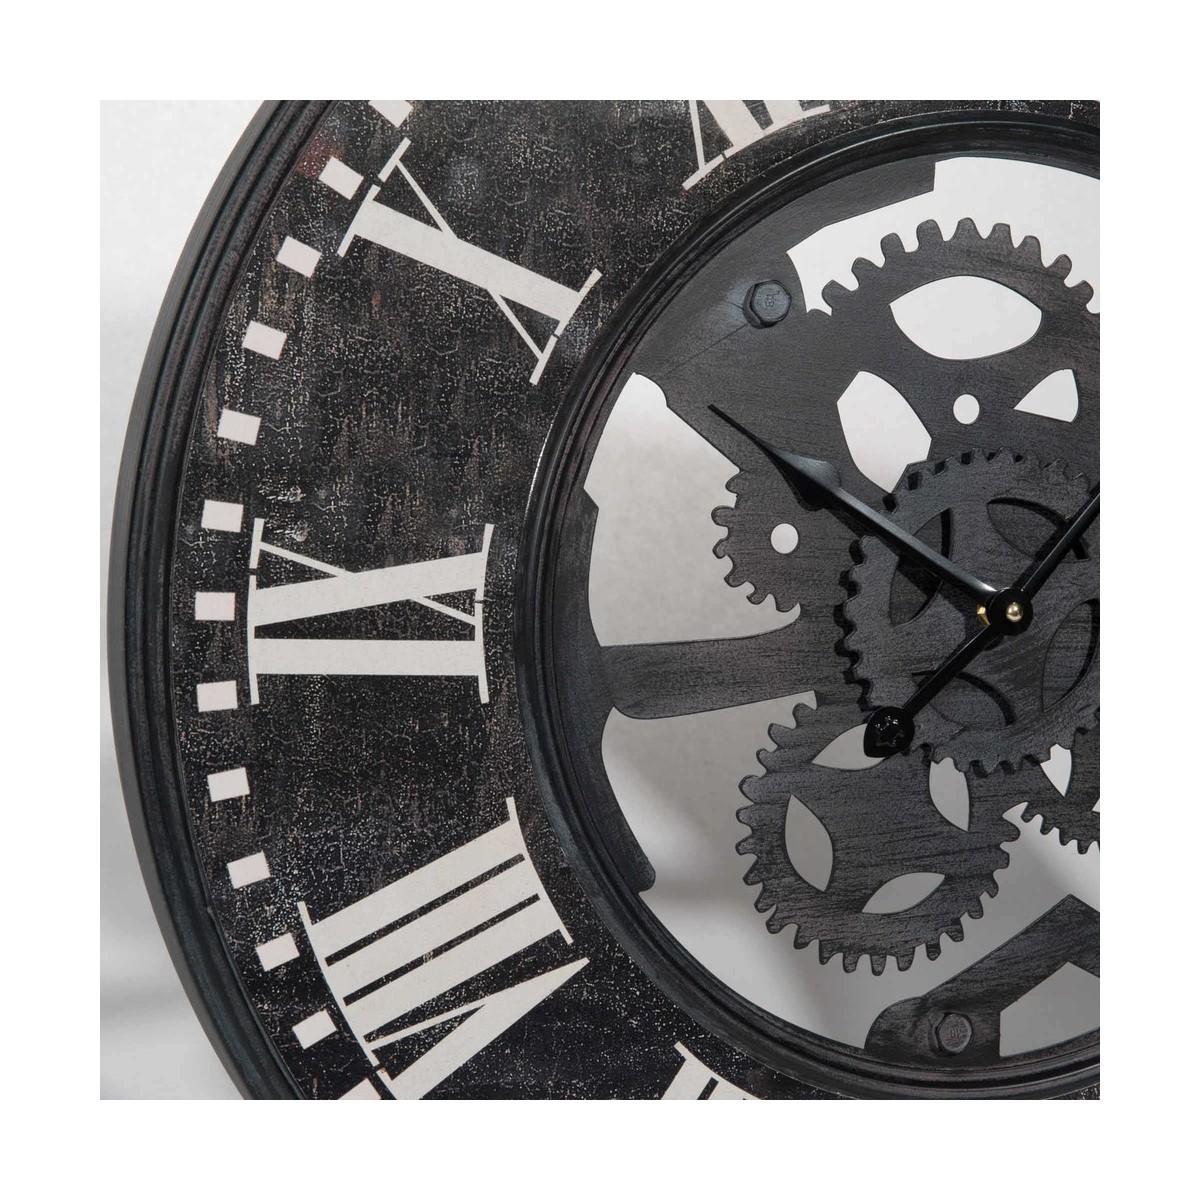 Horloge rouages en m tal noir effet vieilli tobias for Horloge metal noir